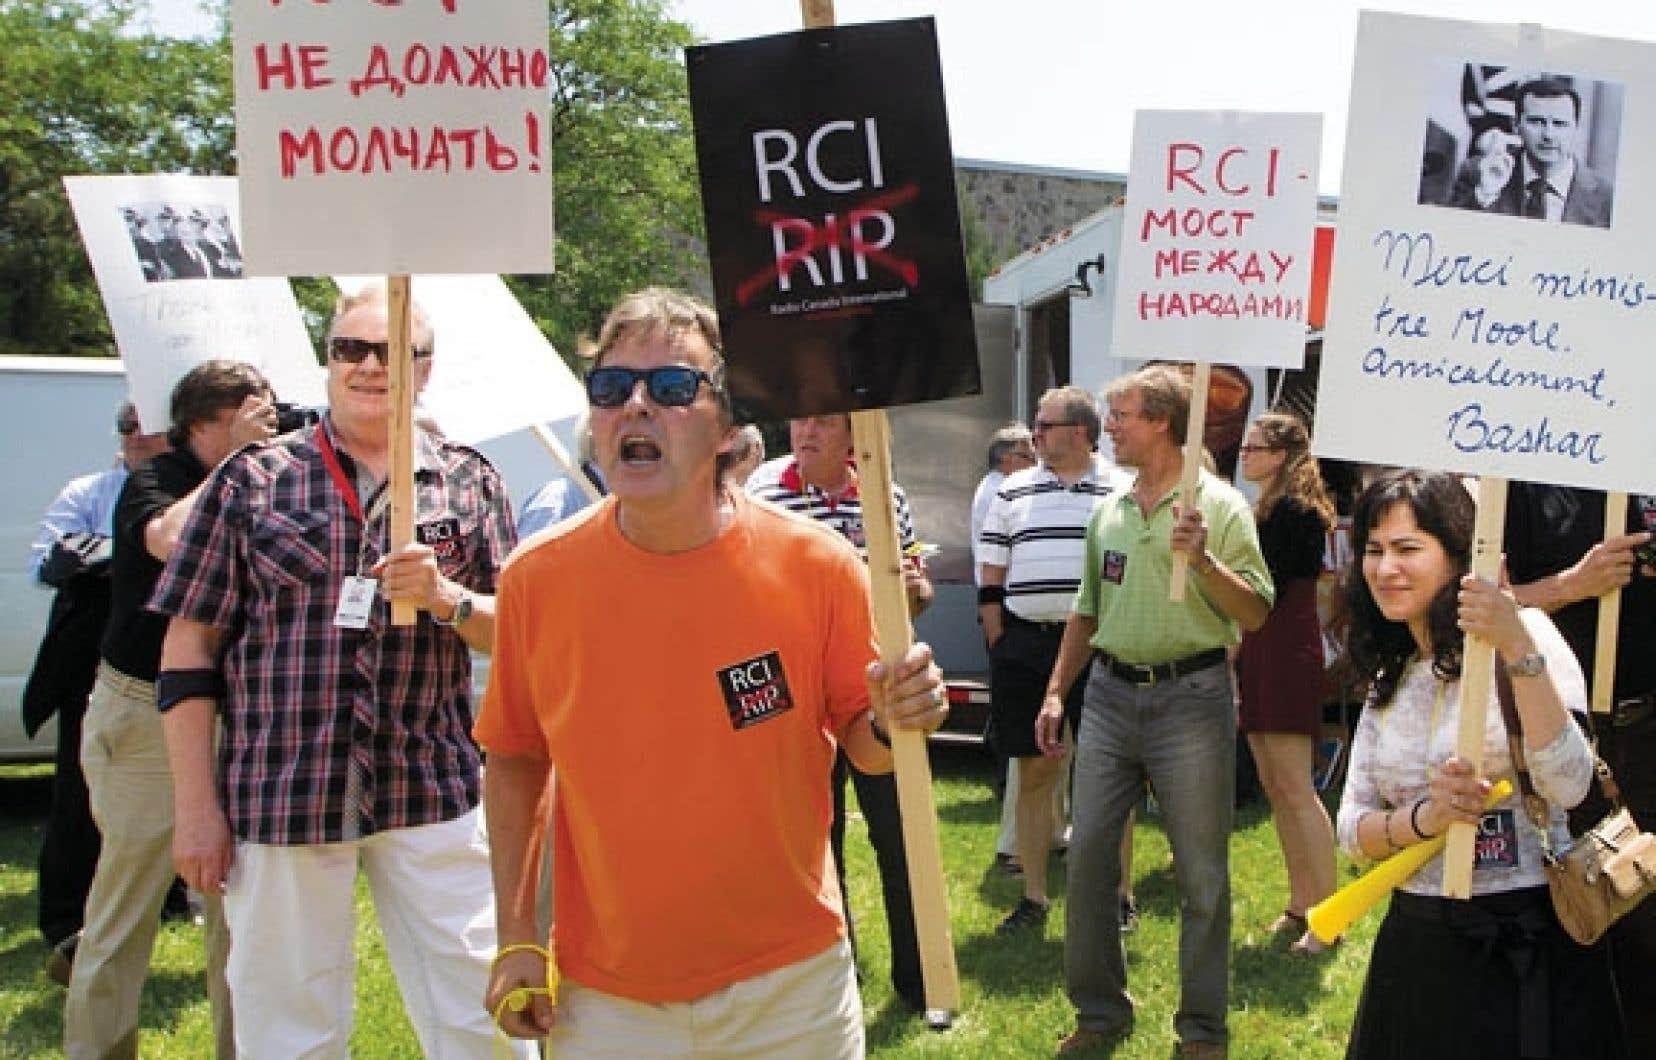 Quelques dizaines de personnes ont pris part hier midi à une manifestation devant la tour de Radio-Canada (RC), dans l'est de Montréal, à la suite d'un appel lancé par le Comité d'action de RCI.